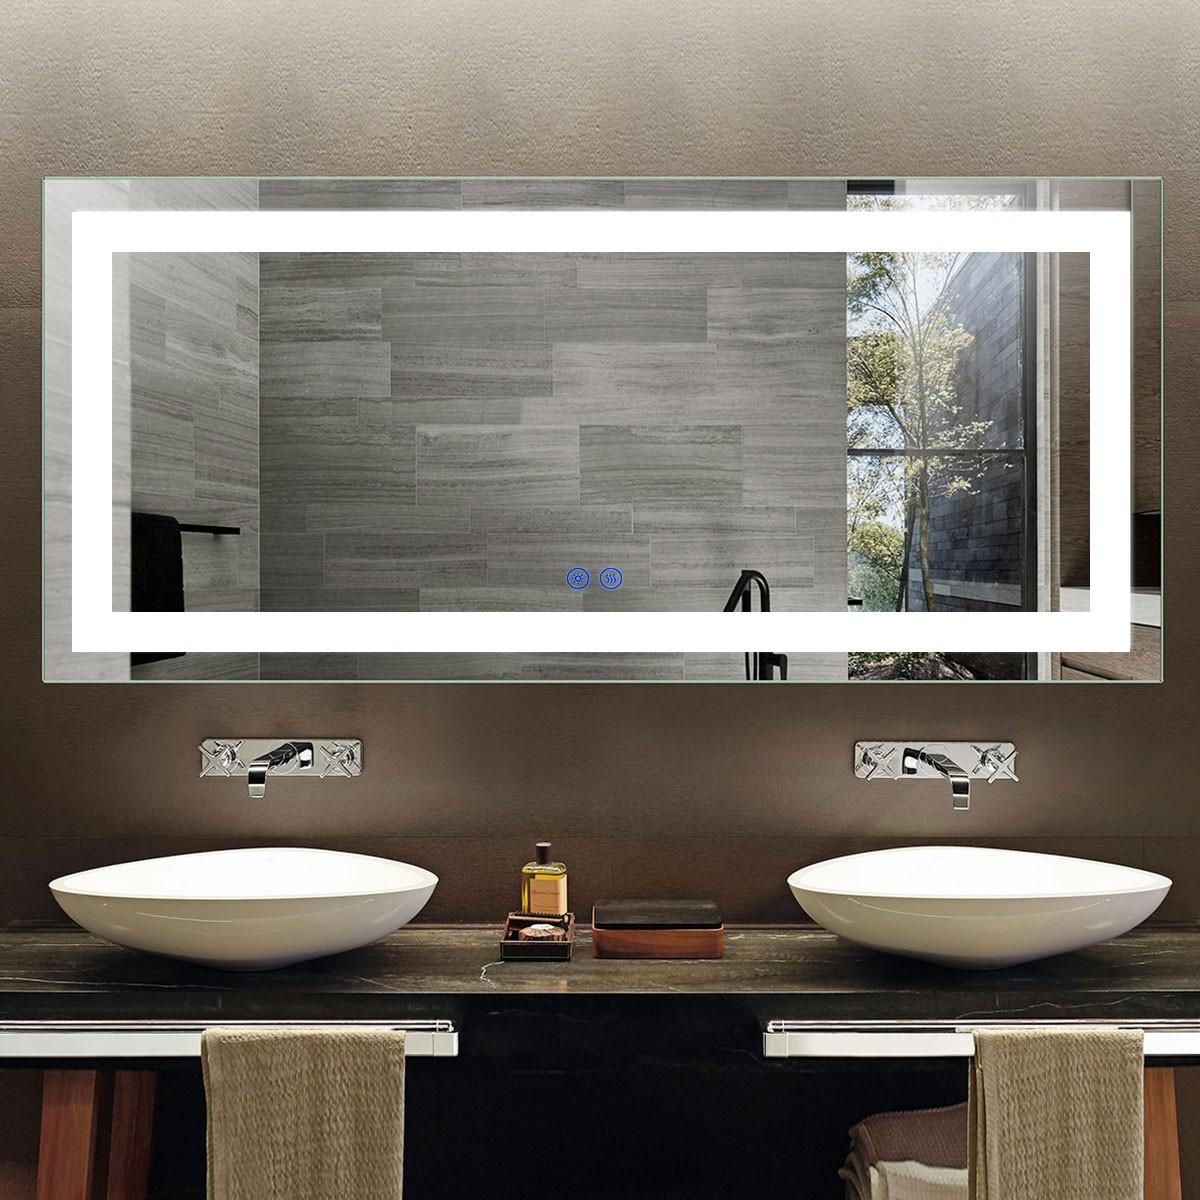 DECORAPORT 70 x 32 Po Miroir de Salle de Bain LED avec Bouton Tactile, Anti-Buée, Luminosité Réglable, Montage Vertical & Horizontal (D202-7032)